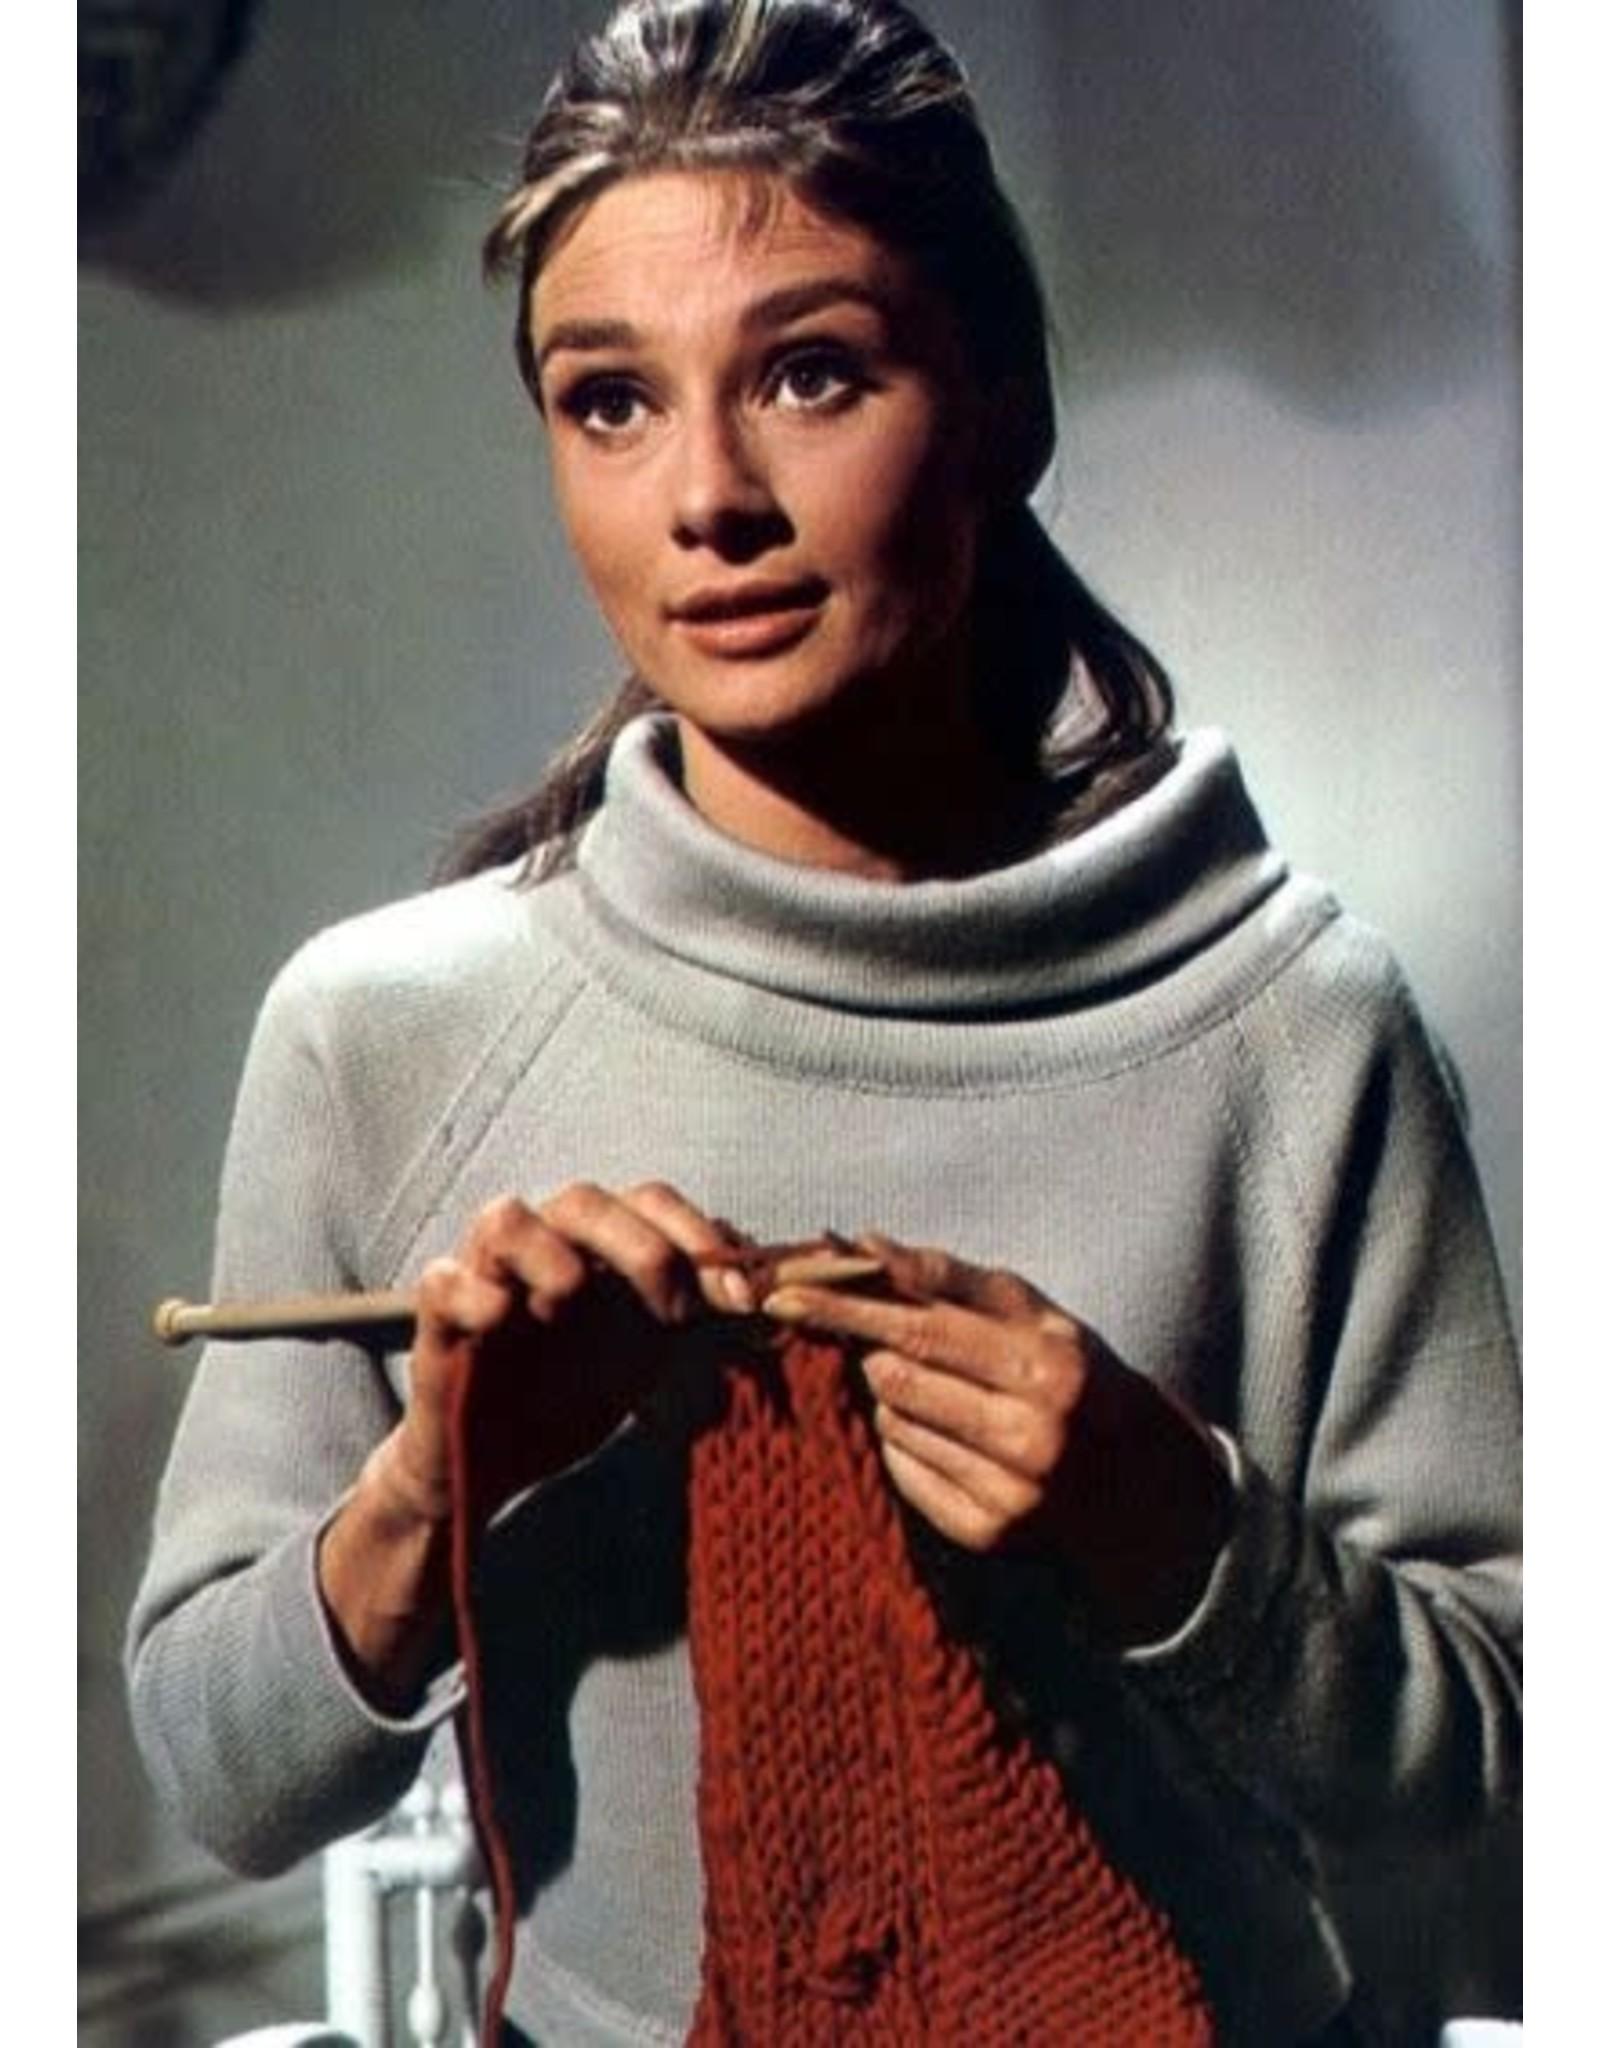 02/28 SUN Open Forum Knitting Class 9:30 AM - 11:30 AM